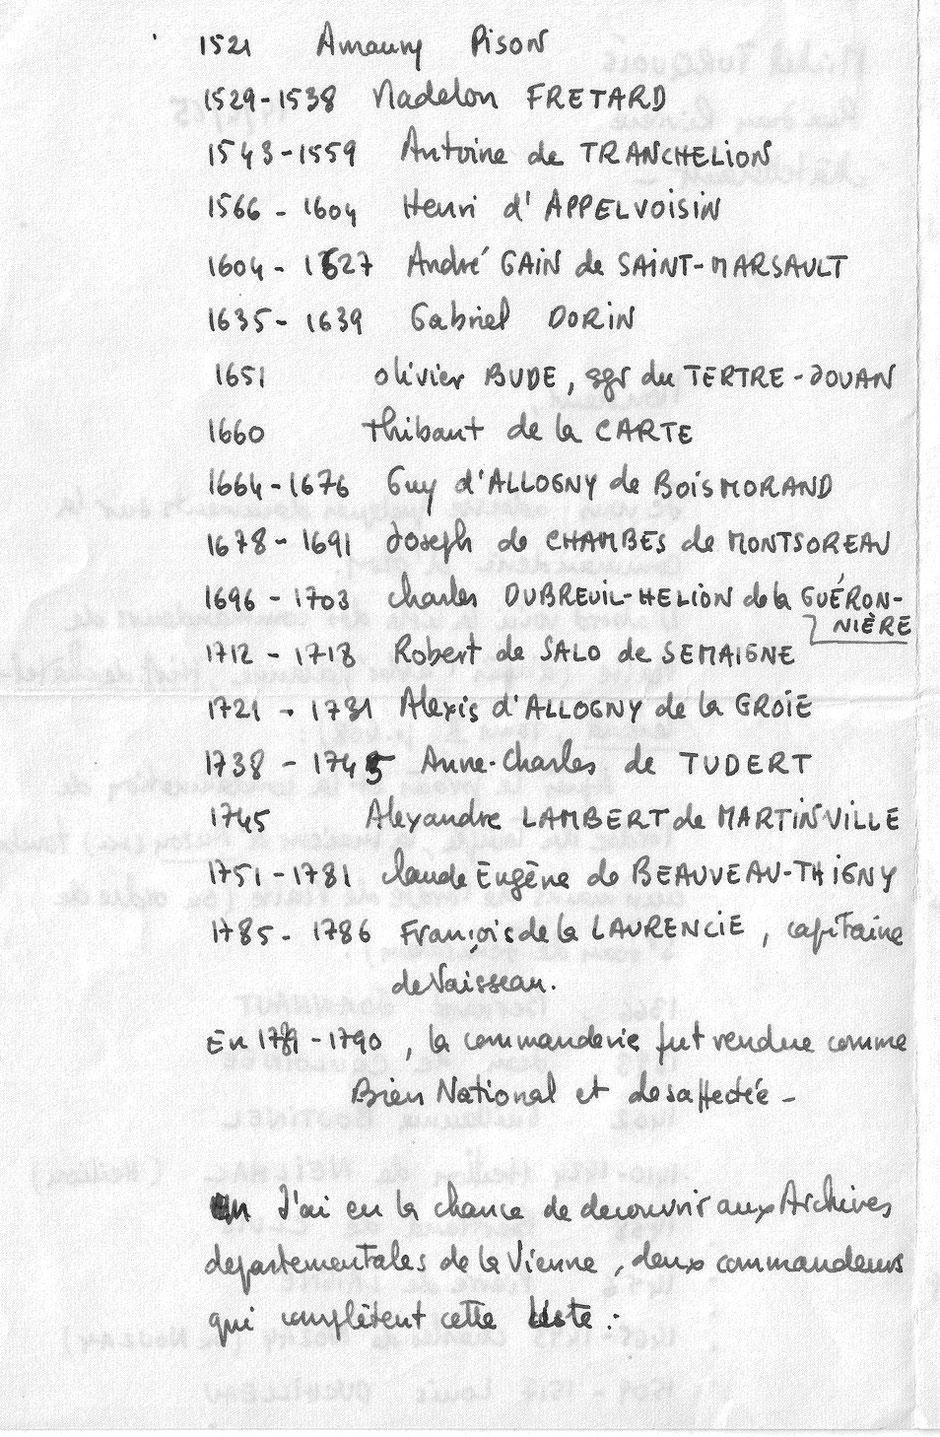 Recherches Michel Turquois aux Archives de la Vienne - 1965